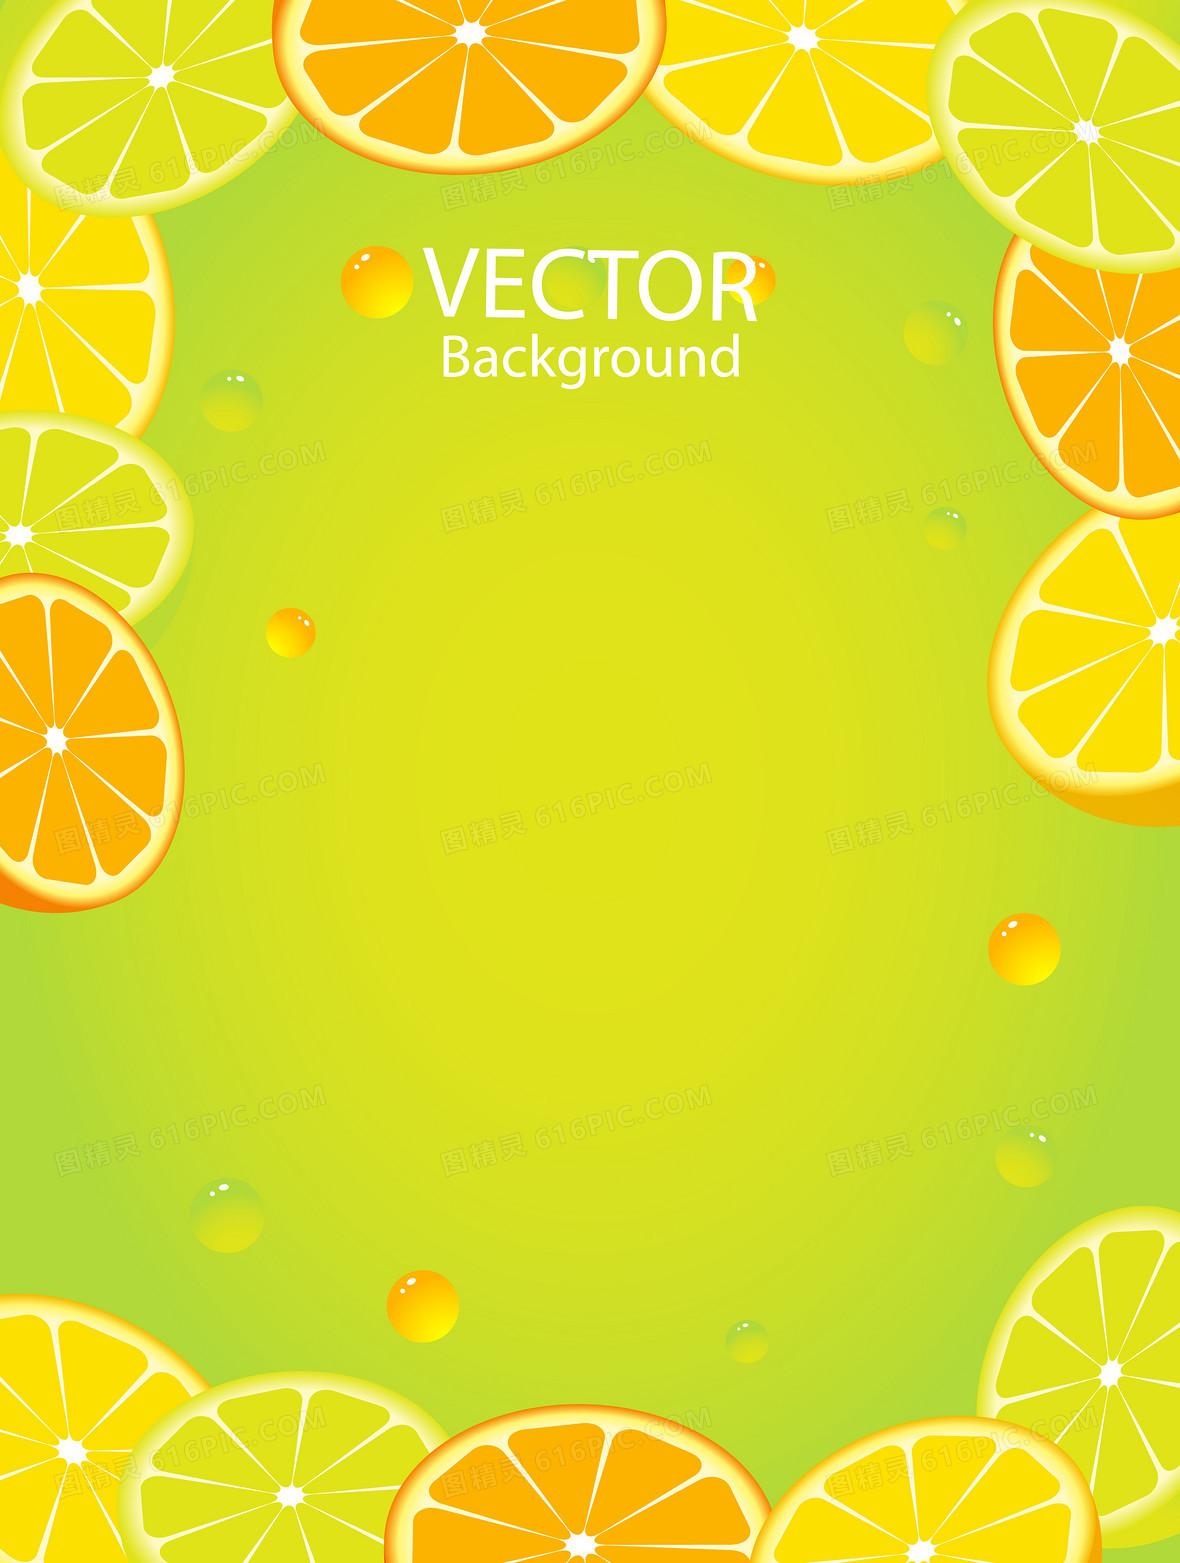 柠檬橙子水果卡通海报背景素材